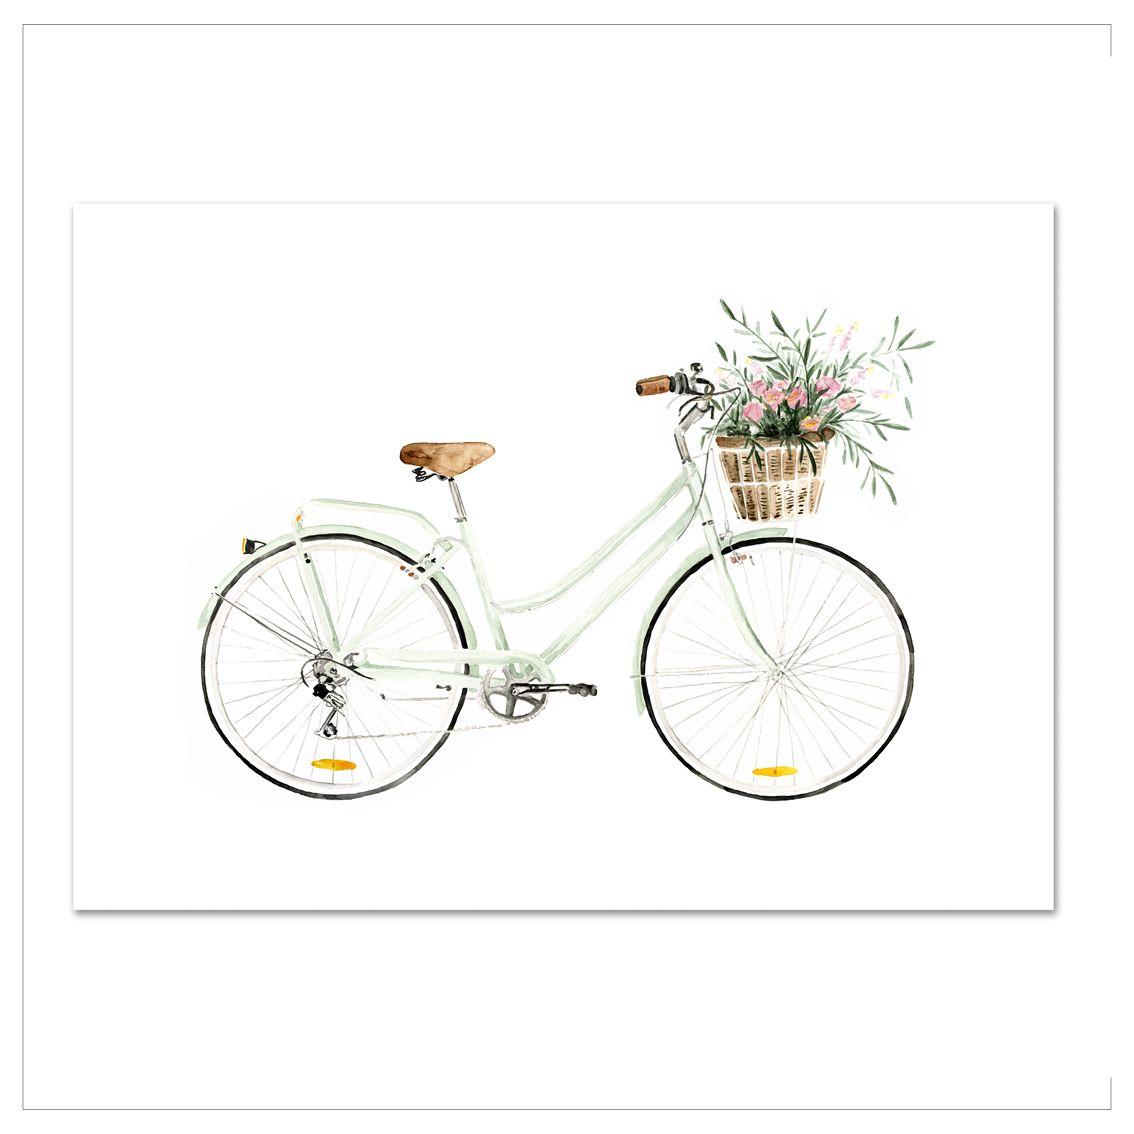 Kunstdruck - BICYCLE-LOVE | Fahrrad zeichnung, Fahrrad ...